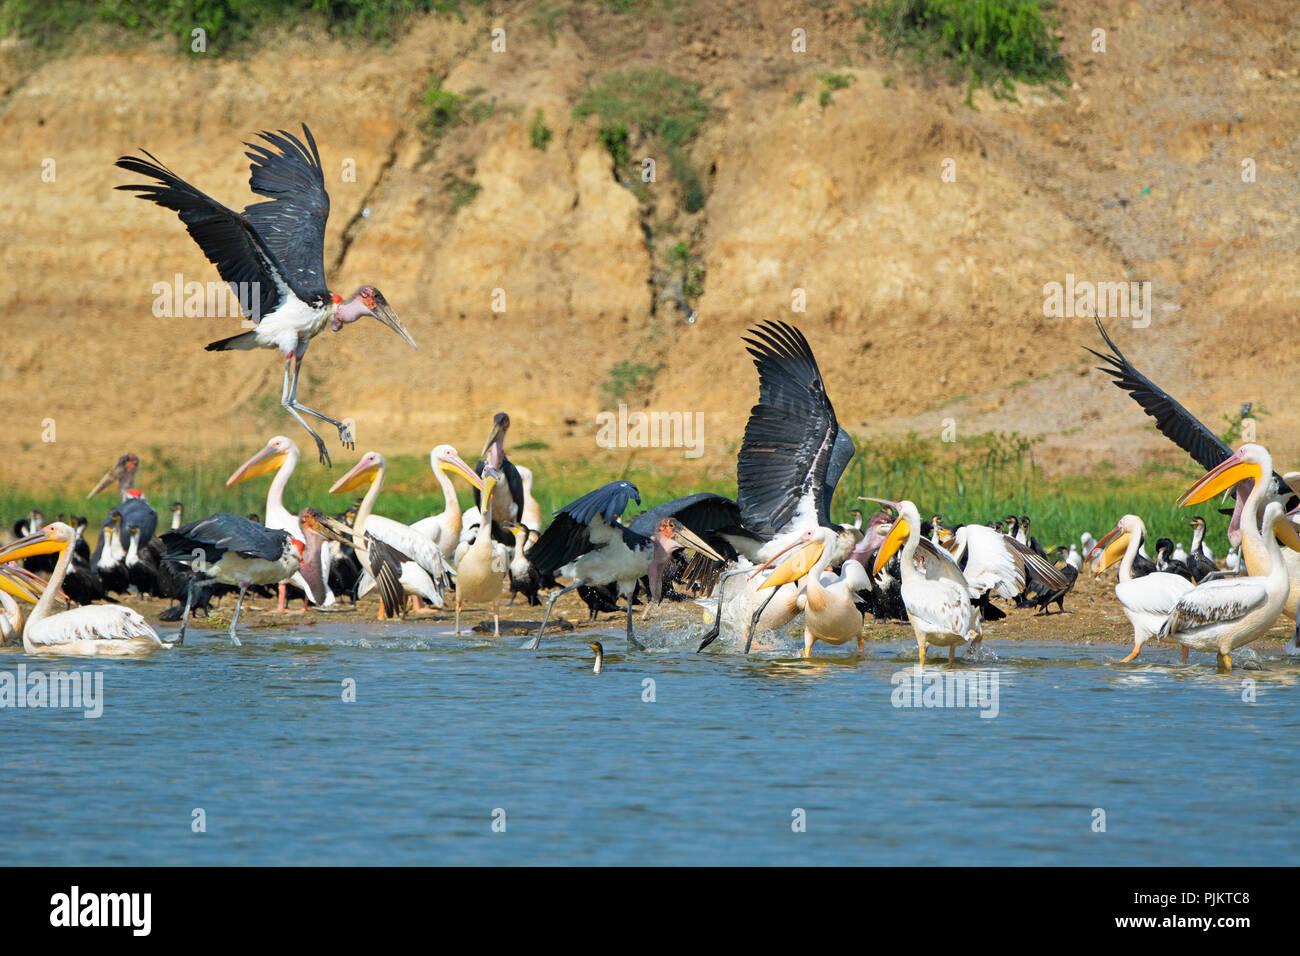 Grande pellicani bianchi, Pelican, petto bianco cormorano, cormorani e Marabou cicogne, Uccelli Kazinga Channel, Queen Elizabeth National Park, Uganda Immagini Stock